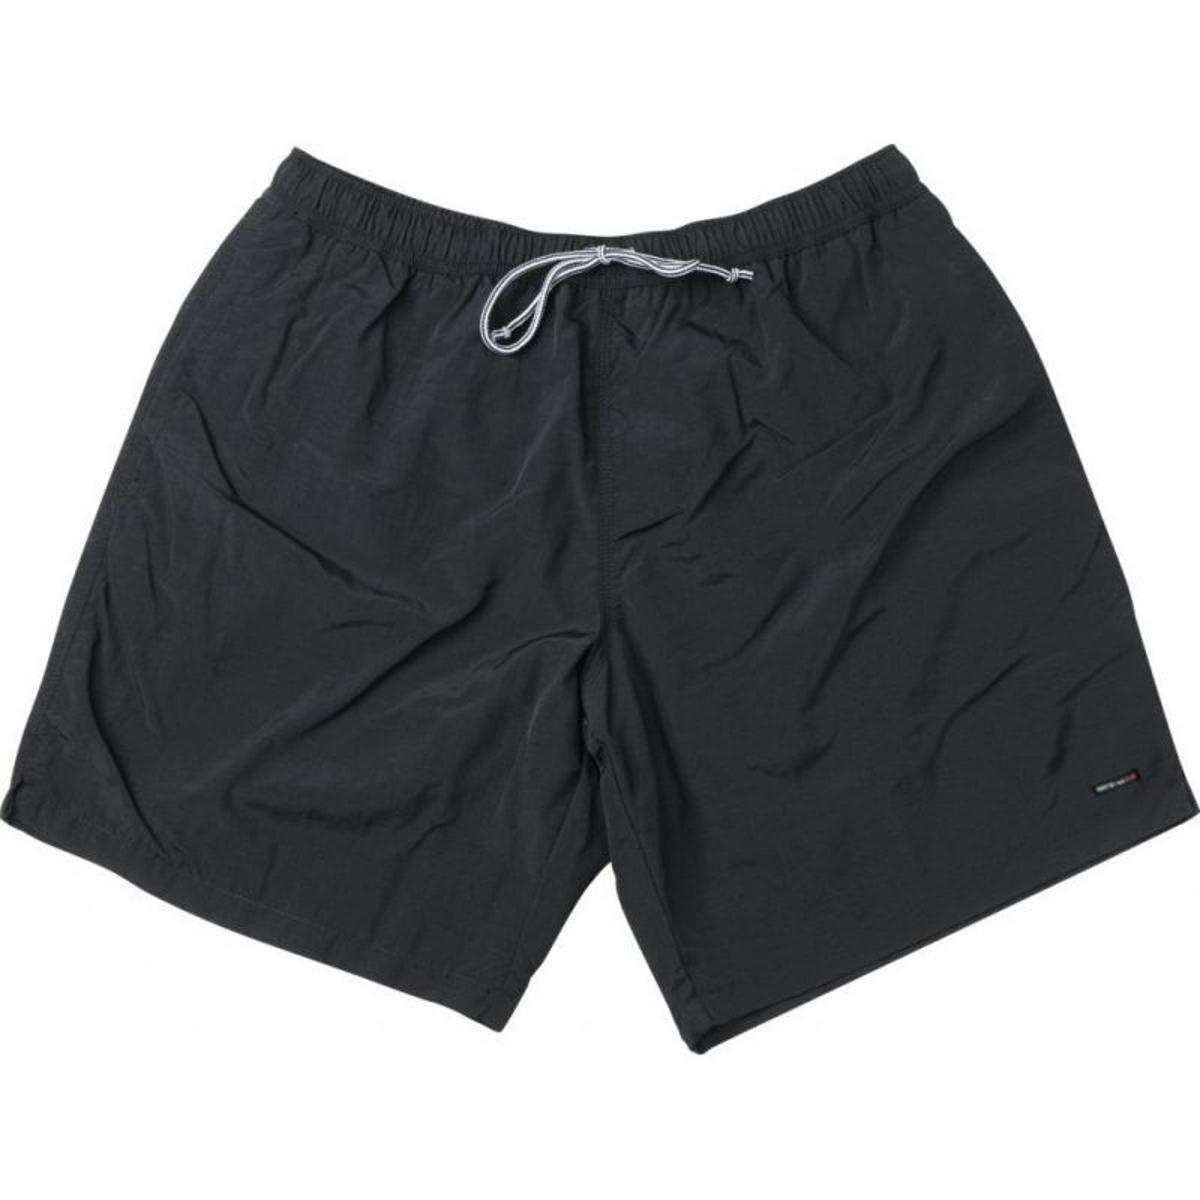 Short Nylon